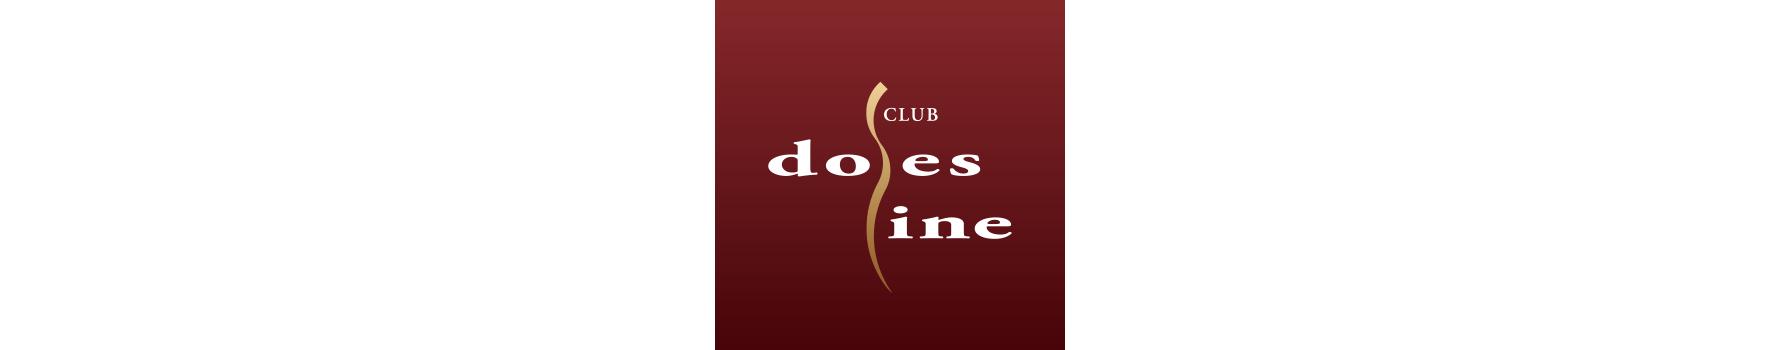 ドレスライン立川(立川)のロゴ